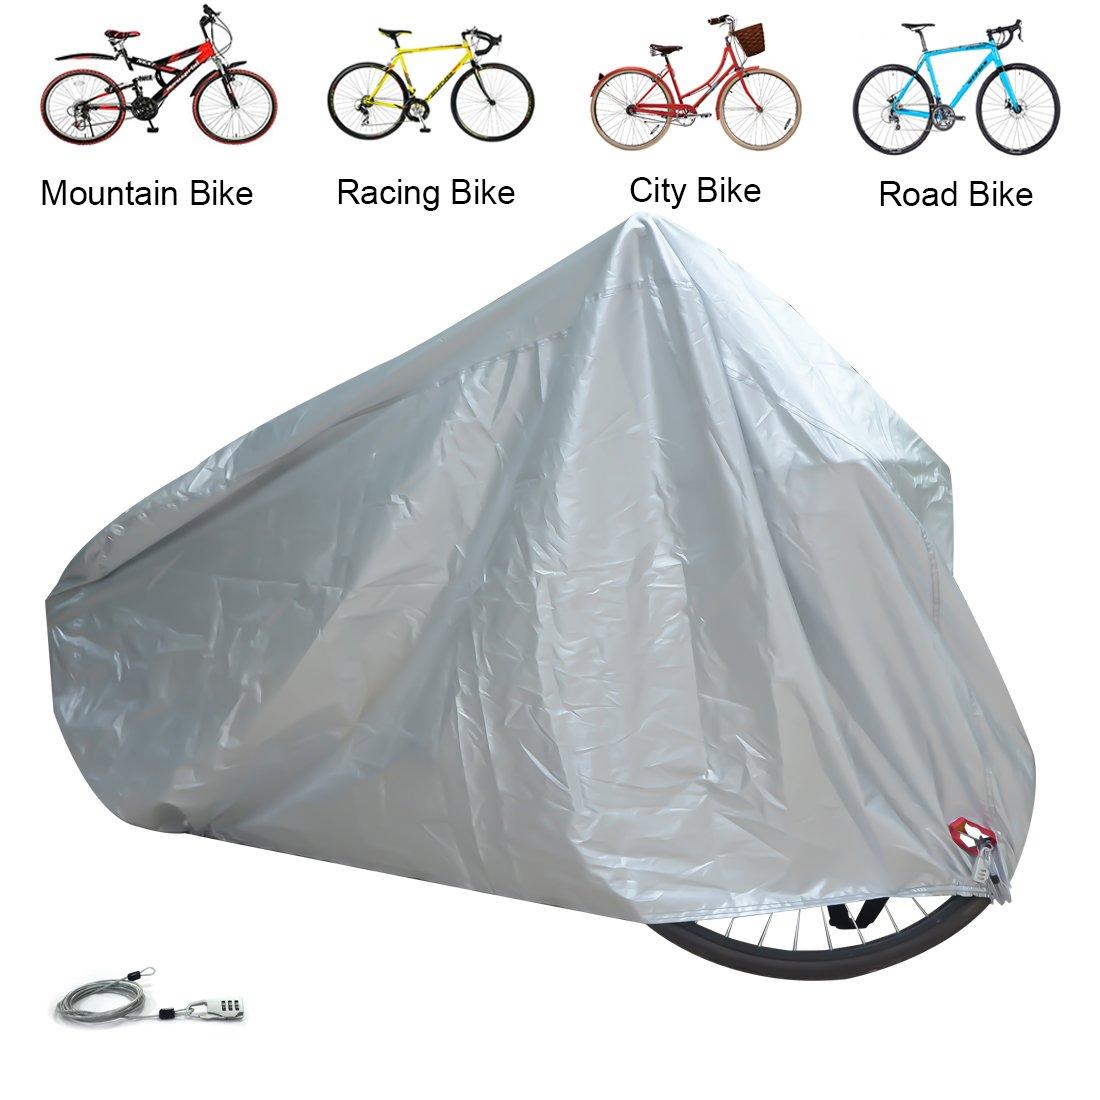 Housse pour V/élo Couverture de Protection Bicyclette Ext/érieur /Étanche anti-UV Anti-vent Anti-poussi/ère pour VTT Route Course Ville Bicyclette avec Lork ELR Argent